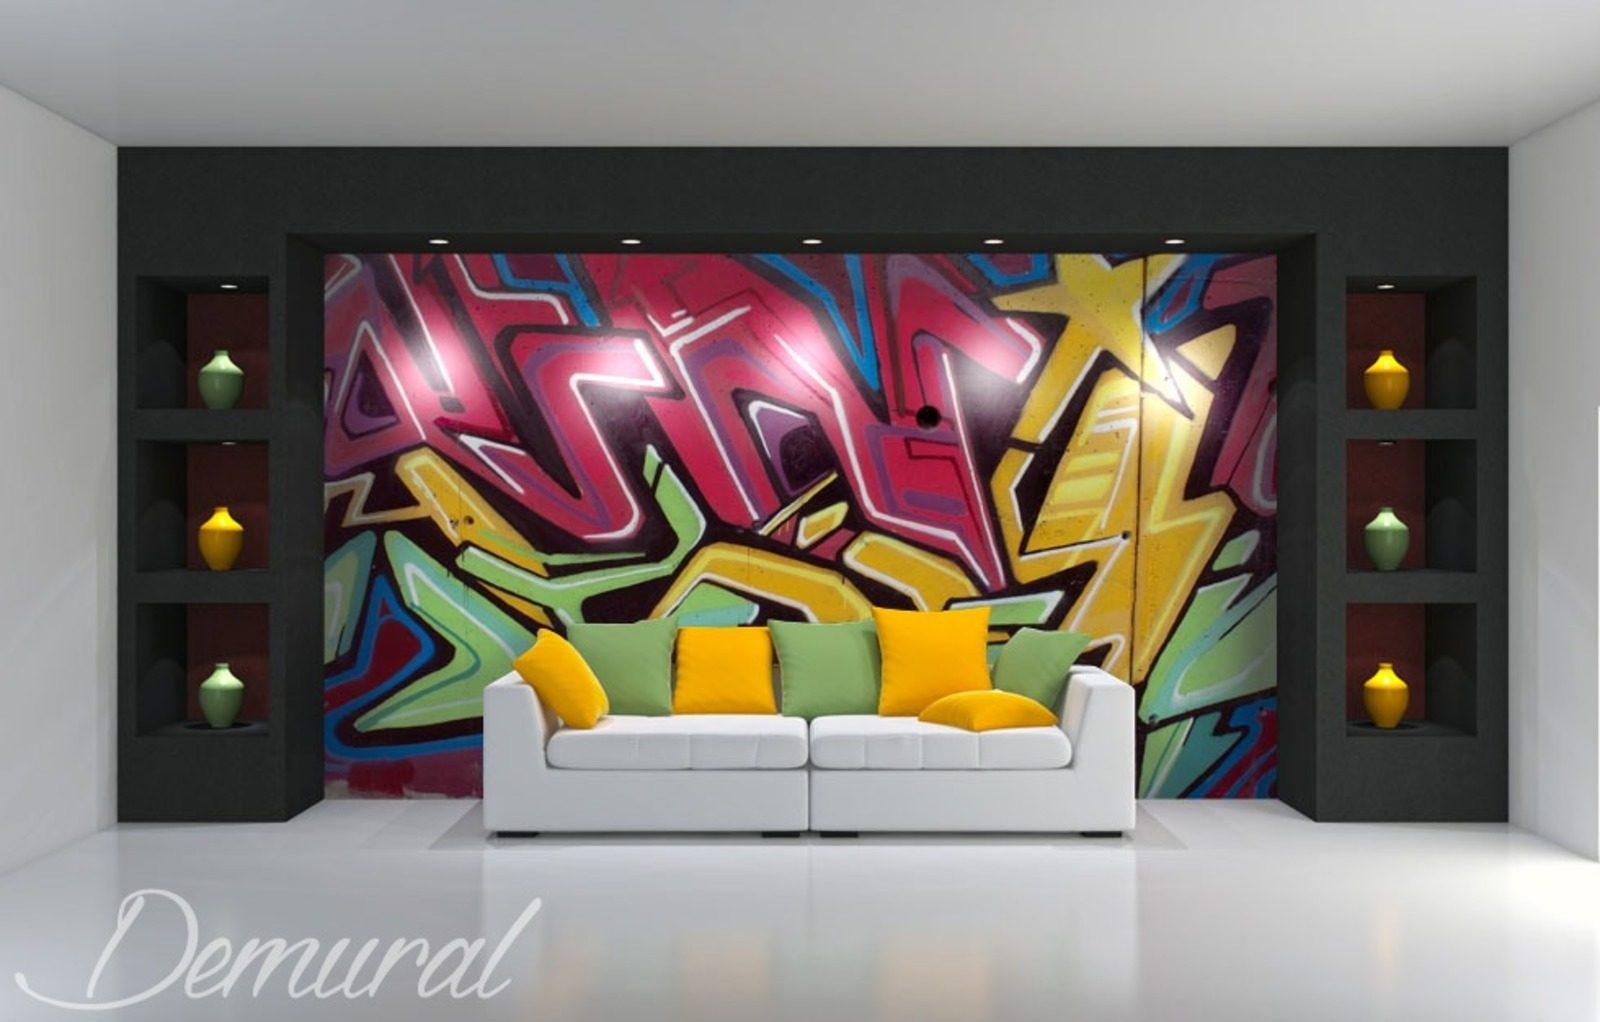 Graffiti Multicolore Graffiti Papiers Peints Papiers Peints Demural